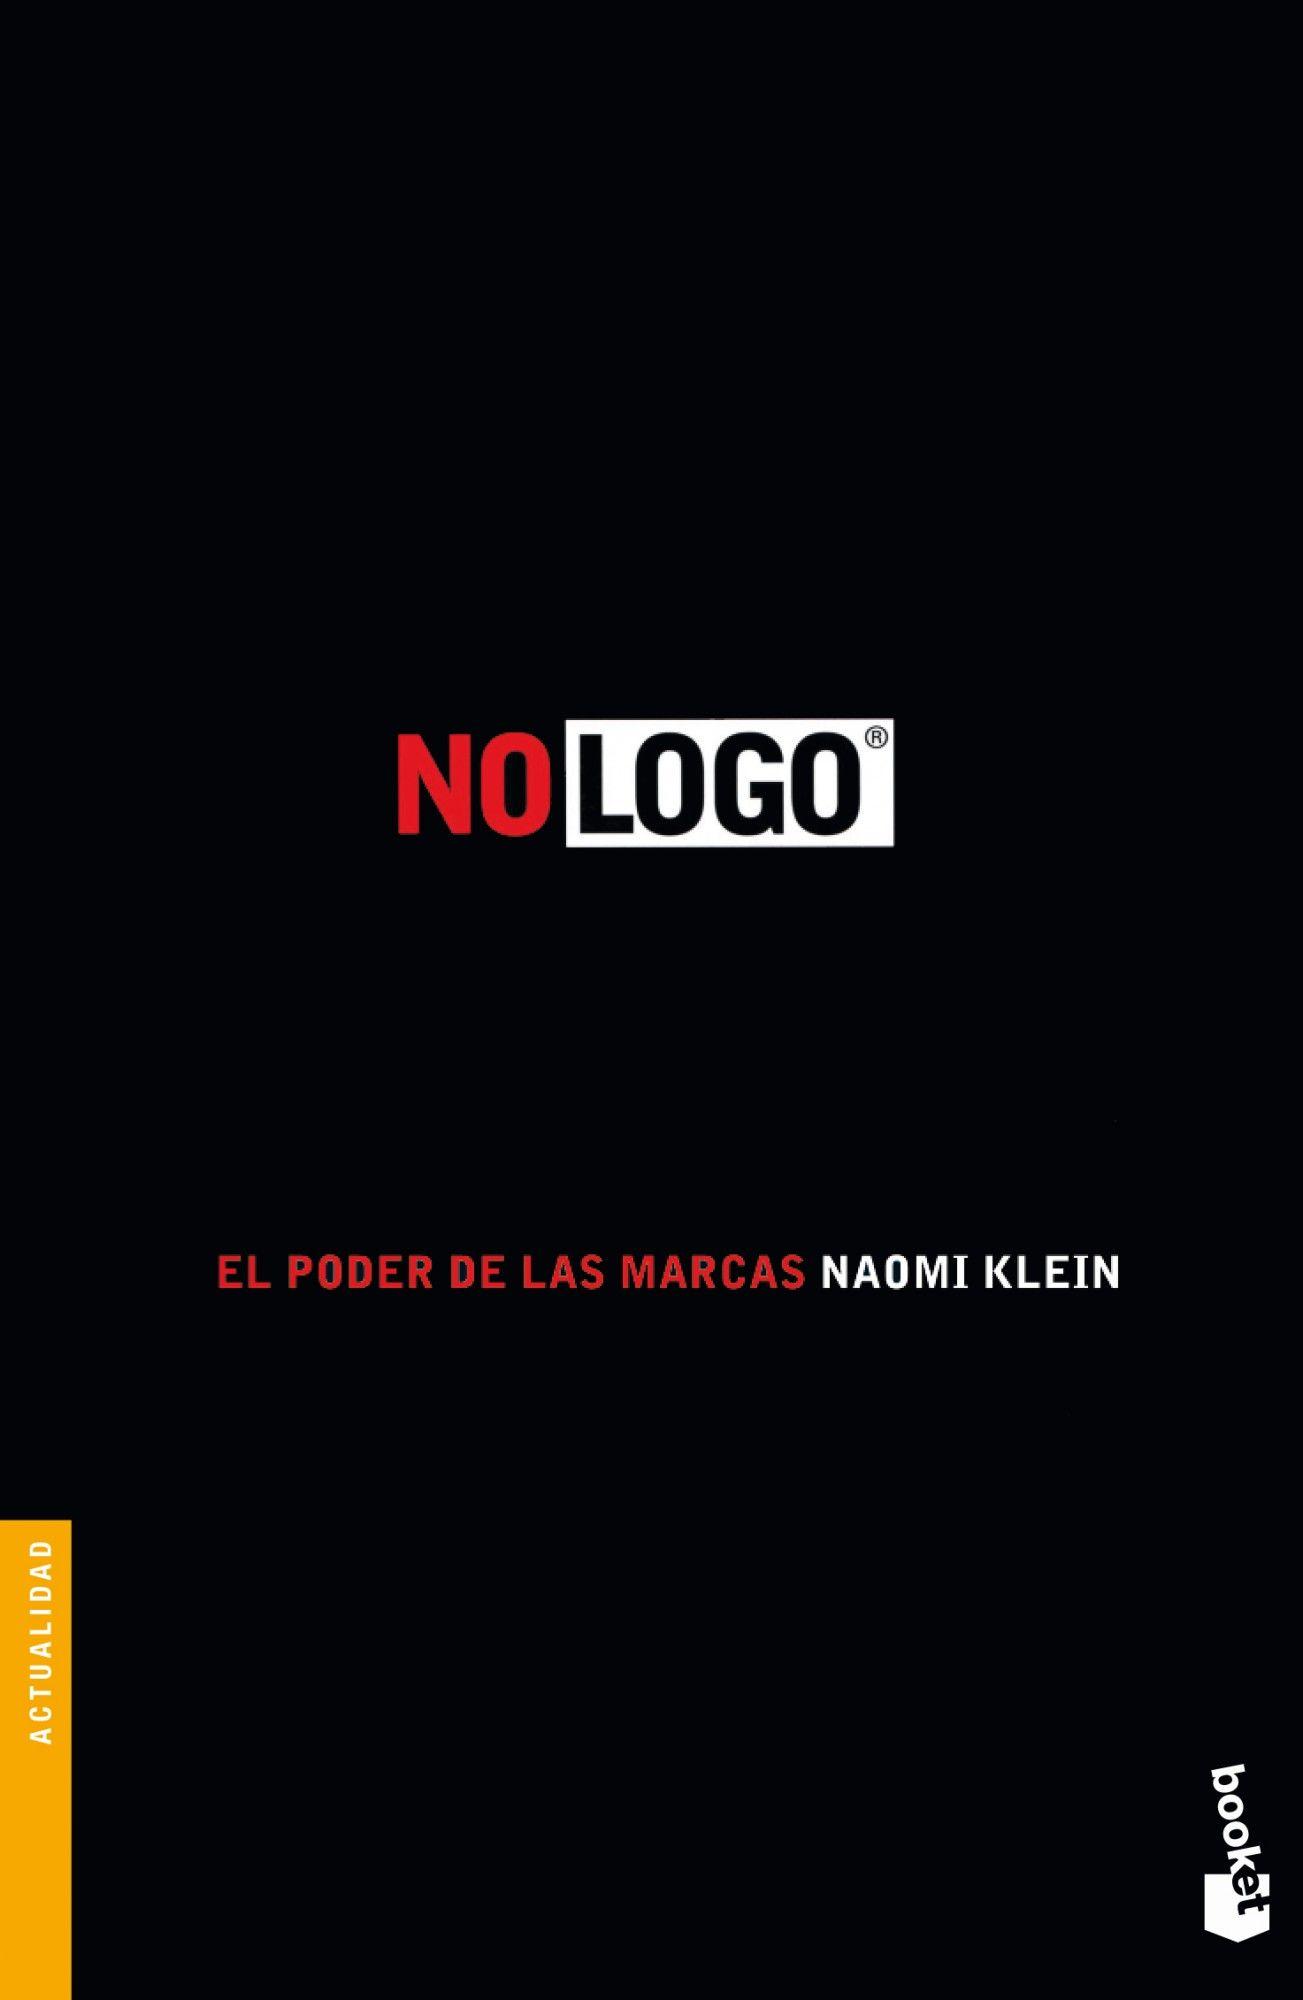 No logo : el poder de las marcas / Naomi Klein ; prólogo conmemorativo del 10º aniversario de la publicación de esta obra Edición1ª ed. en colección Booket PublicaciónBarcelona : Paidós, D.L. 2011